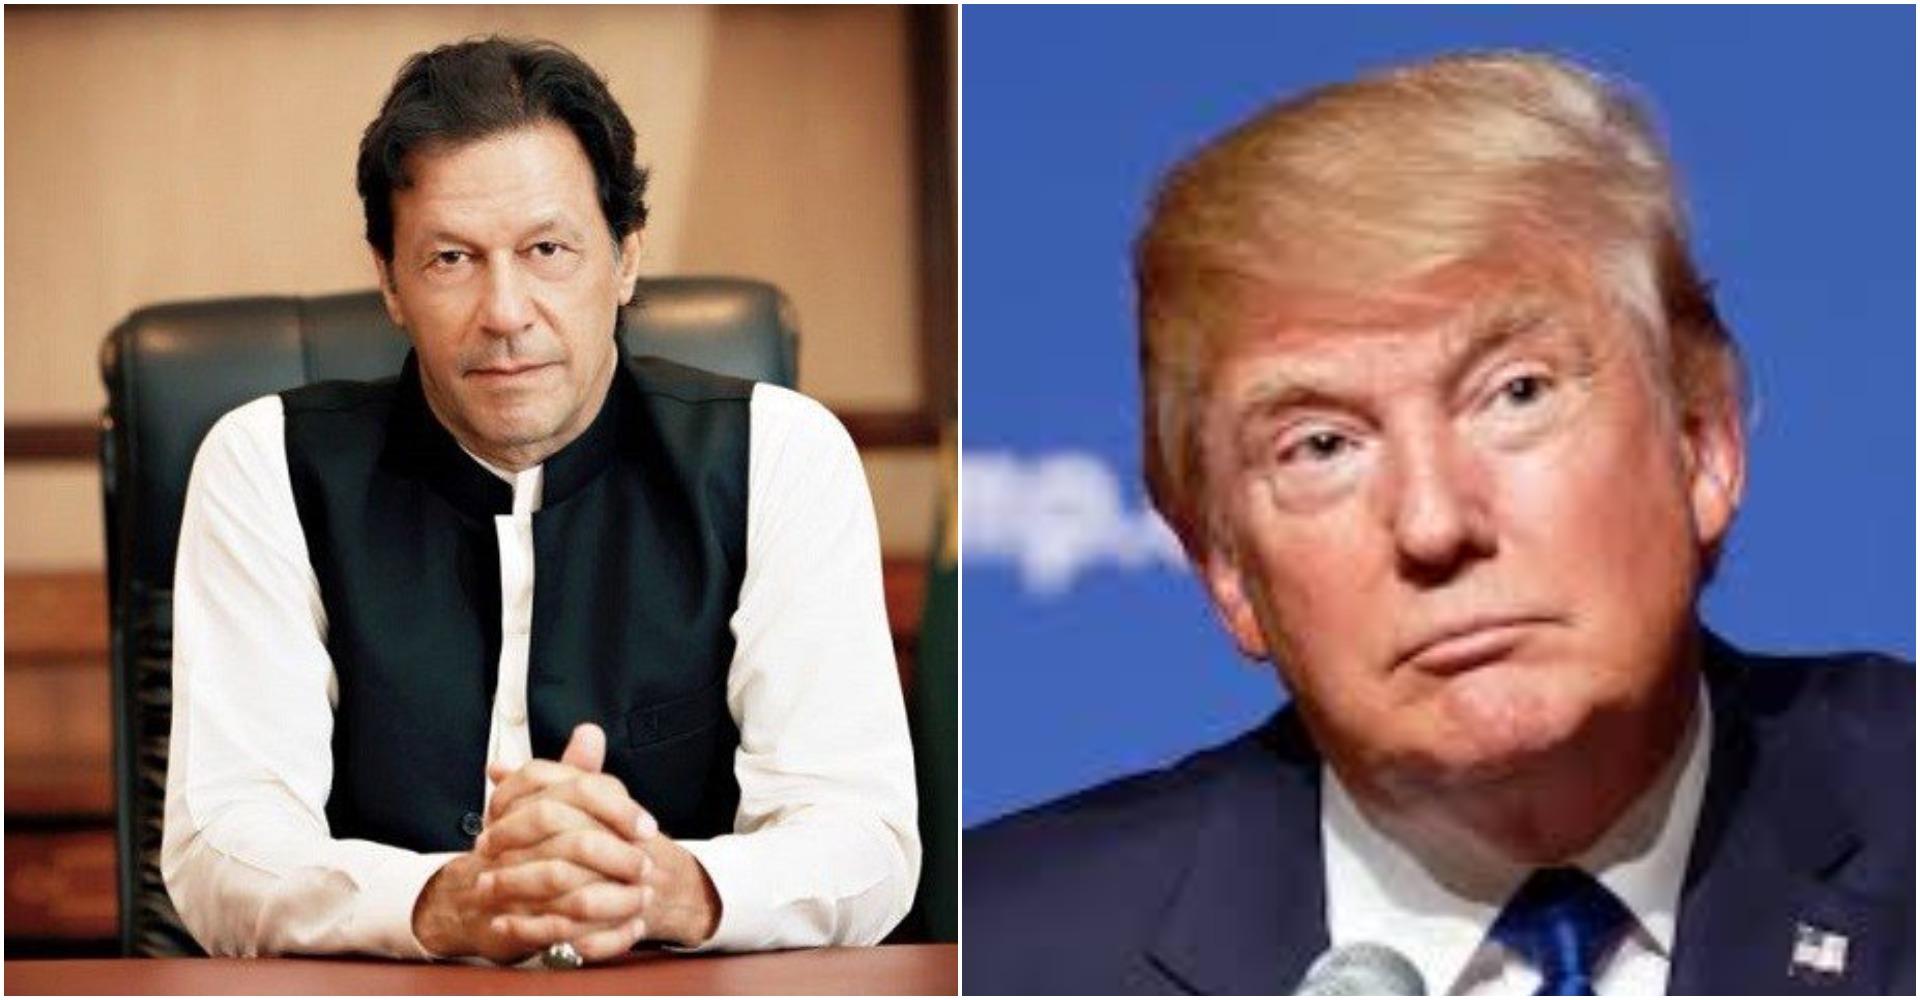 कोरोना वायरस को लेकर पाकिस्तान के पीएम इमरान खान ने अमेरिकी राष्ट्रपति डोनाल्ड ट्रंप से की बात, आर्थिक मदद…